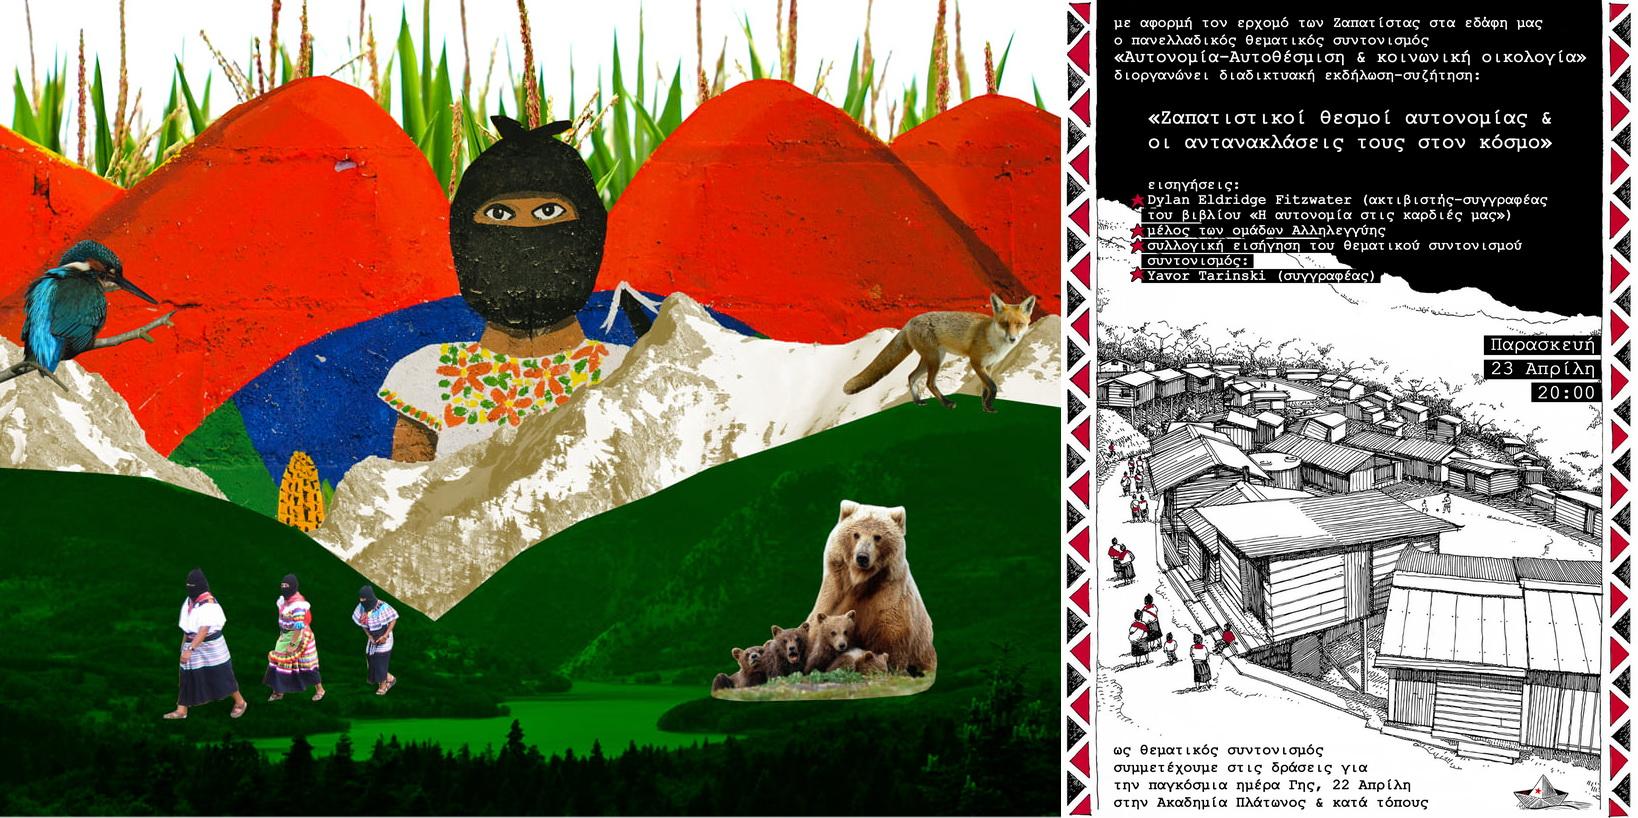 Πανελλαδικός Θεματικός Συντονισμός με αφορμή τον ερχομό των Ζαπατίστας «ΑΥΤΟΝΟΜΙΑ – ΑΥΤΟΘΕΣΜΙΣΗ – ΚΟΙΝ. ΟΙΚΟΛΟΓΙΑ»